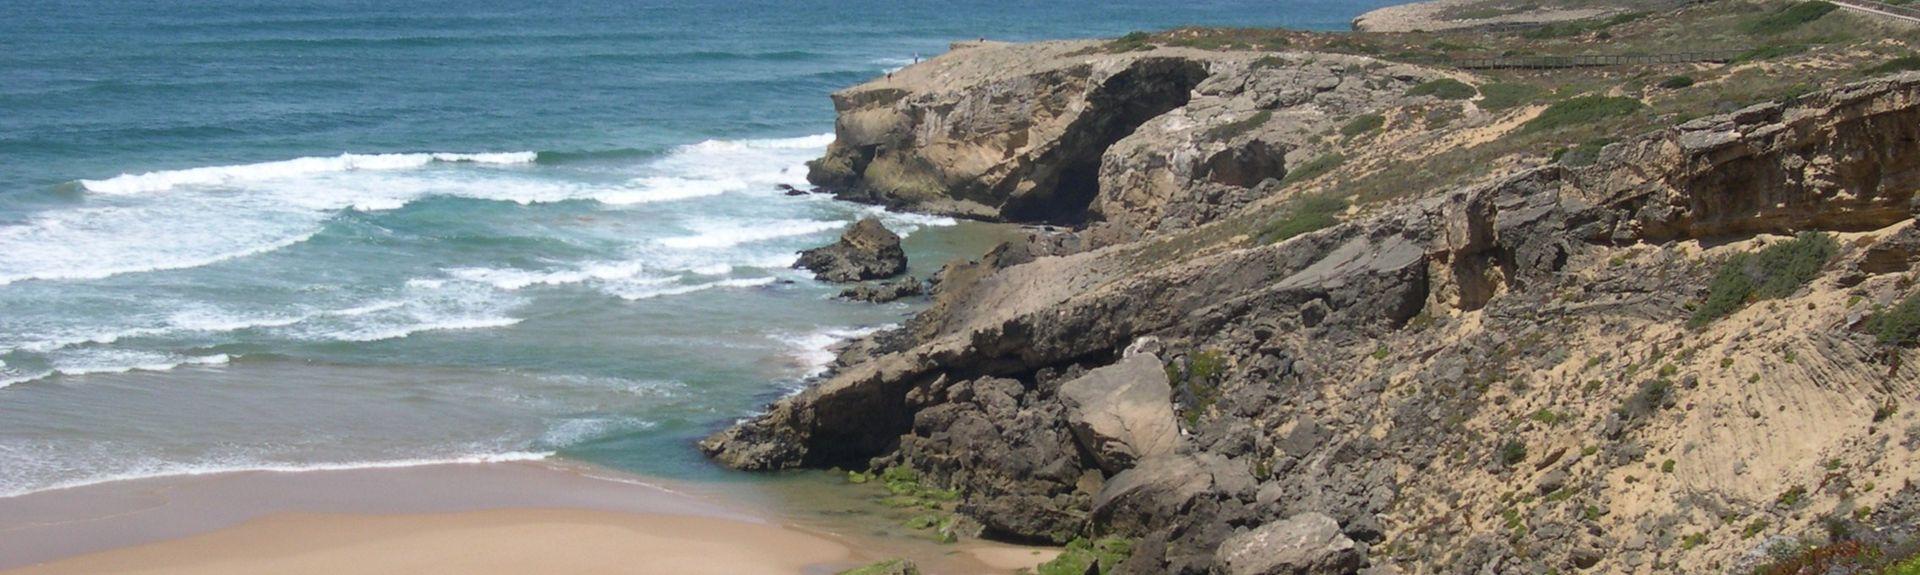 Rogil, Distrikt Faro, Portugal